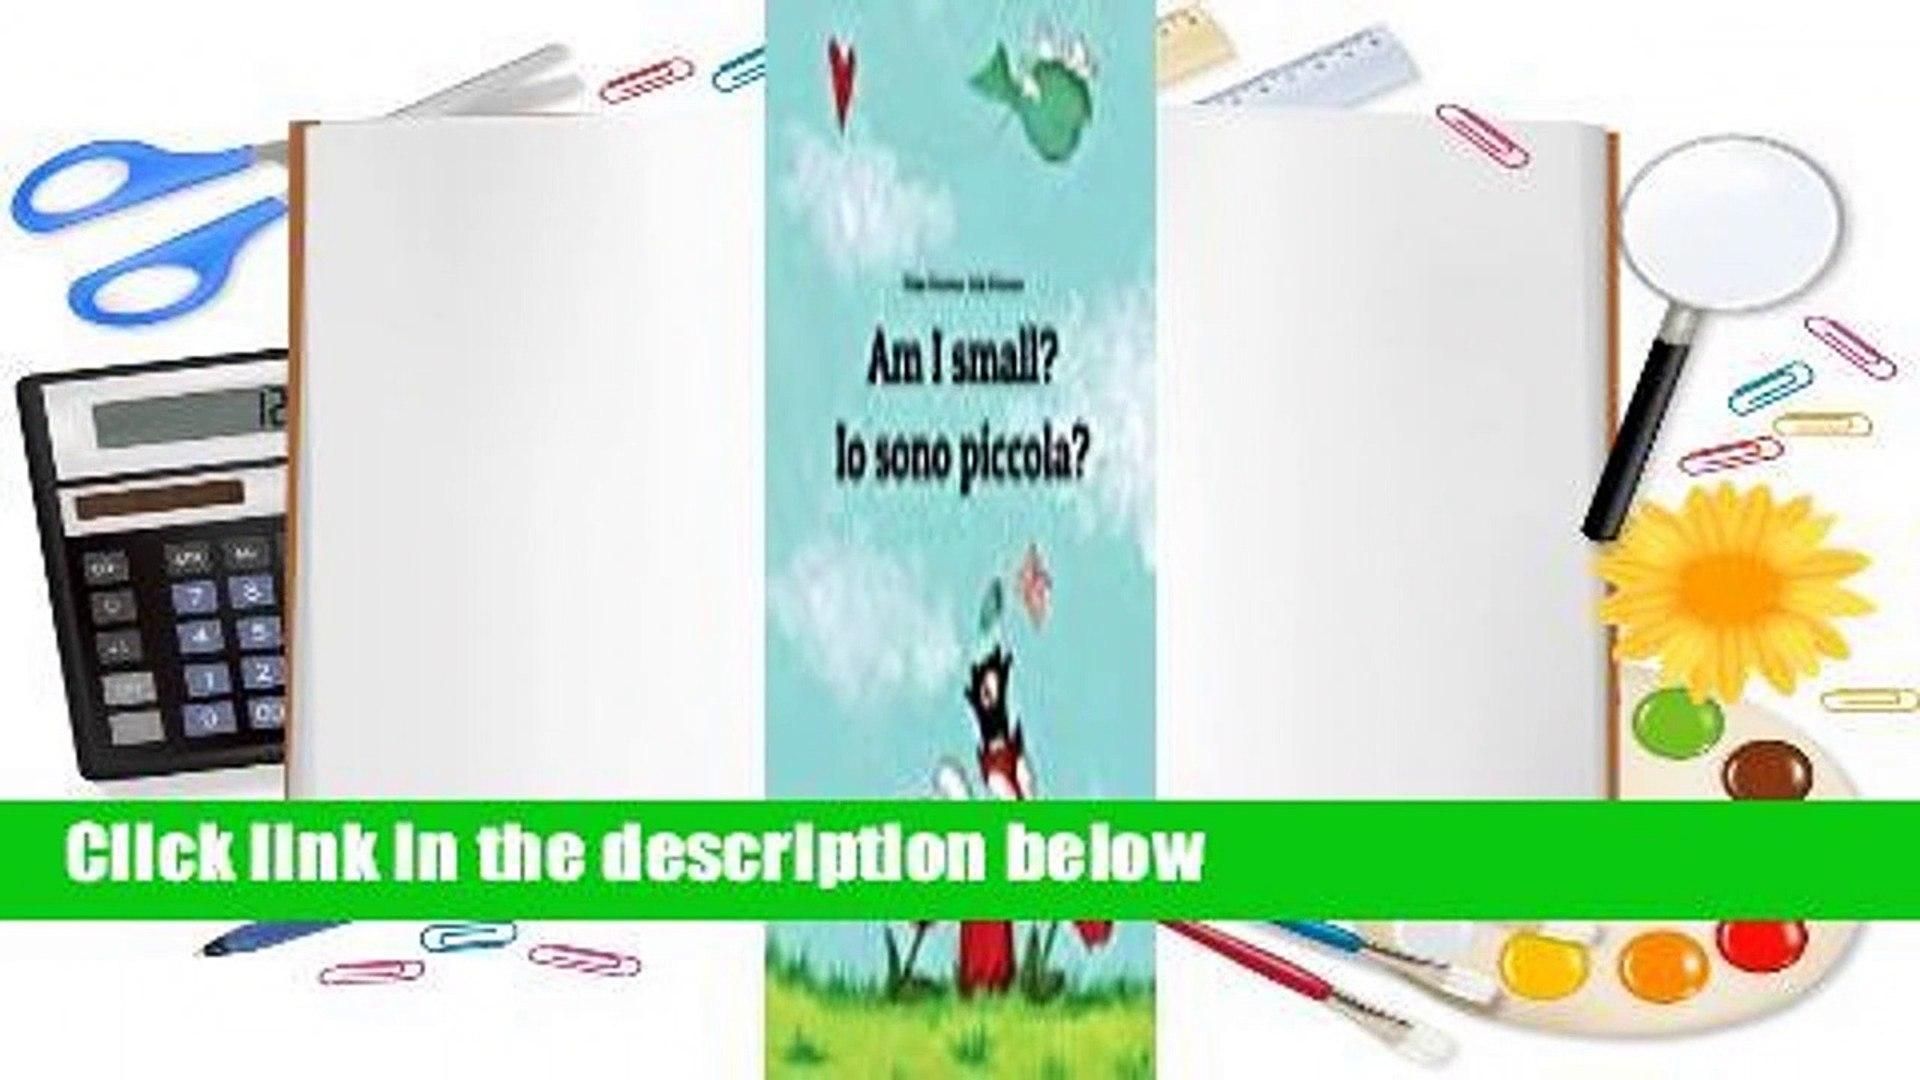 Io sono piccola? Childrens Picture Book English-Italian Bilingual Edition Am I small